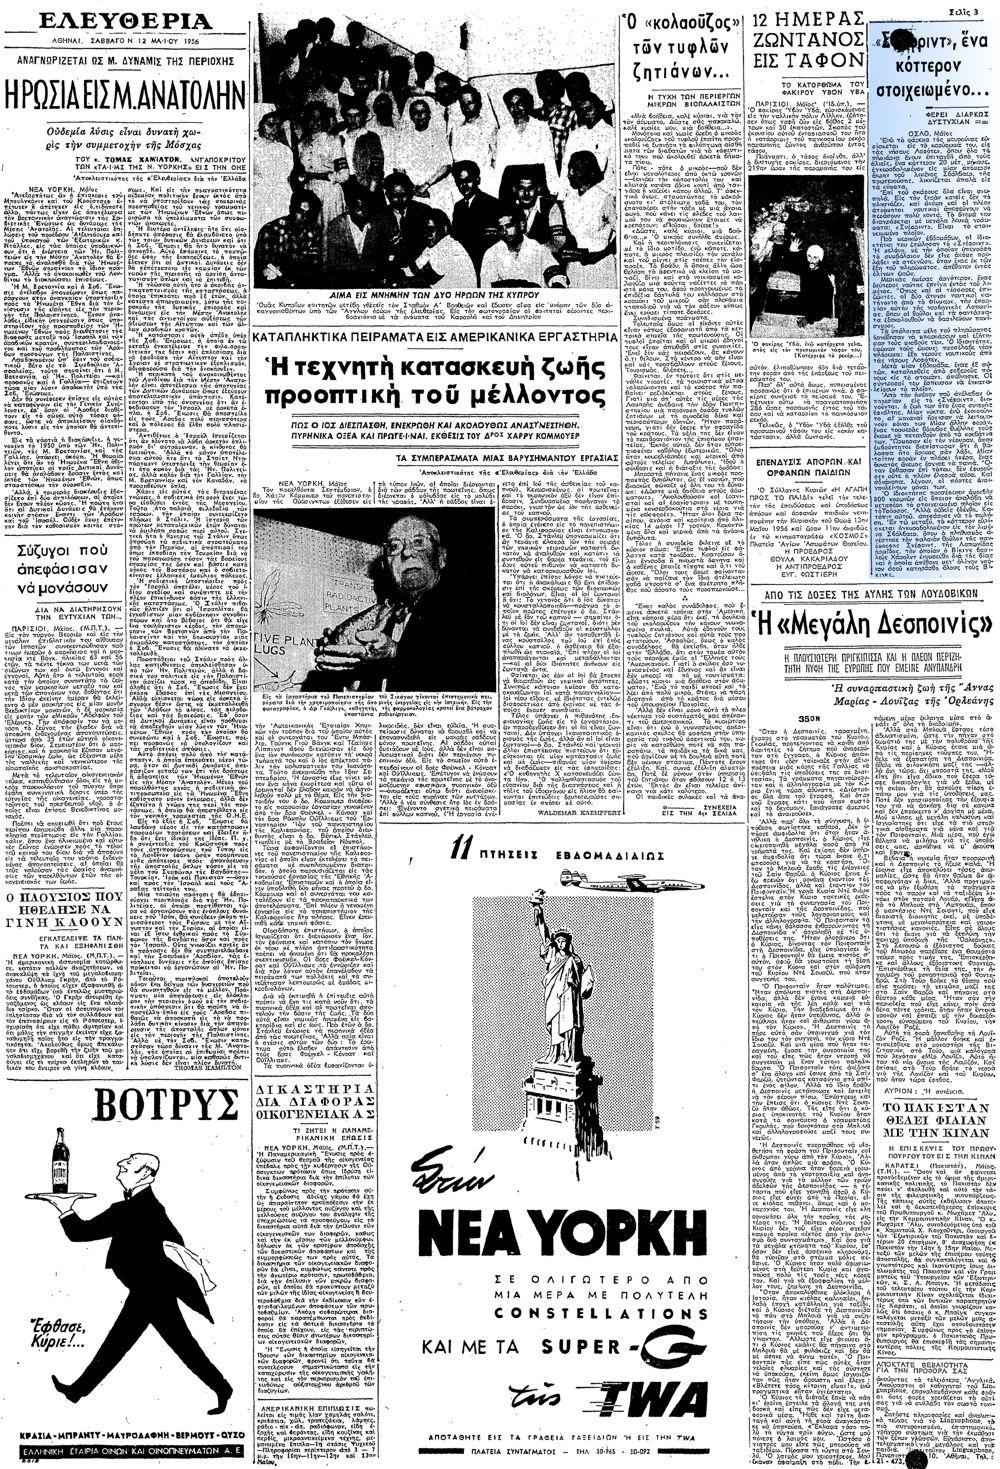 """Το άρθρο, όπως δημοσιεύθηκε στην εφημερίδα """"ΕΛΕΥΘΕΡΙΑ"""", στις 12/05/1956"""